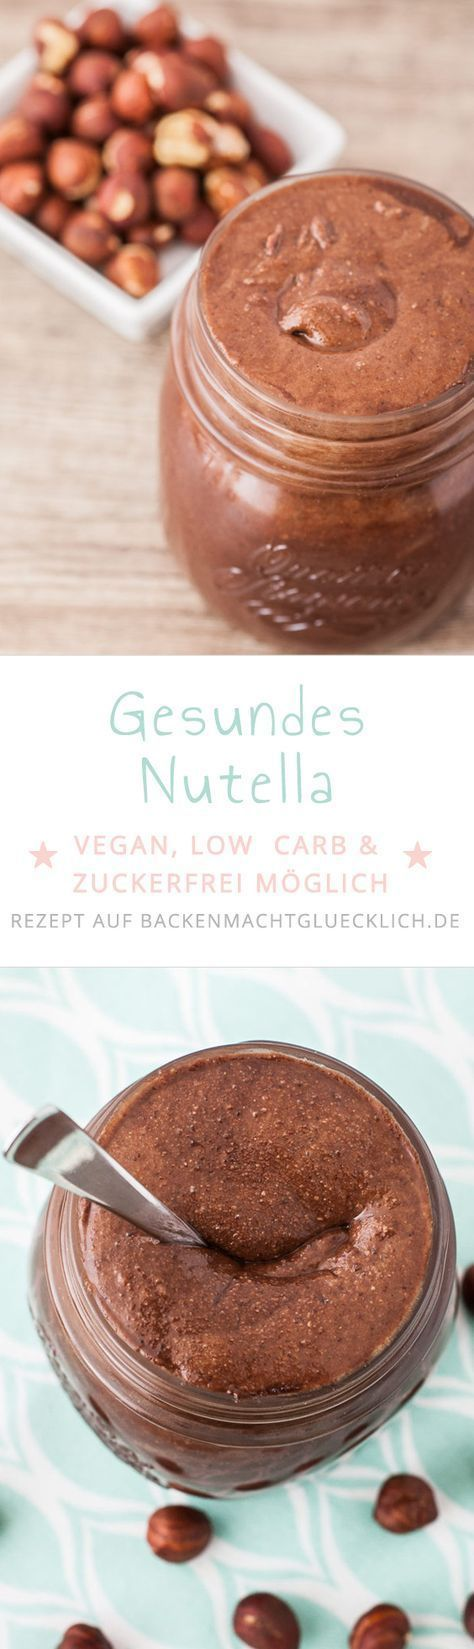 selbstgemachtes nutella rezept marmelade ohne zucker pinterest nutella backen und. Black Bedroom Furniture Sets. Home Design Ideas